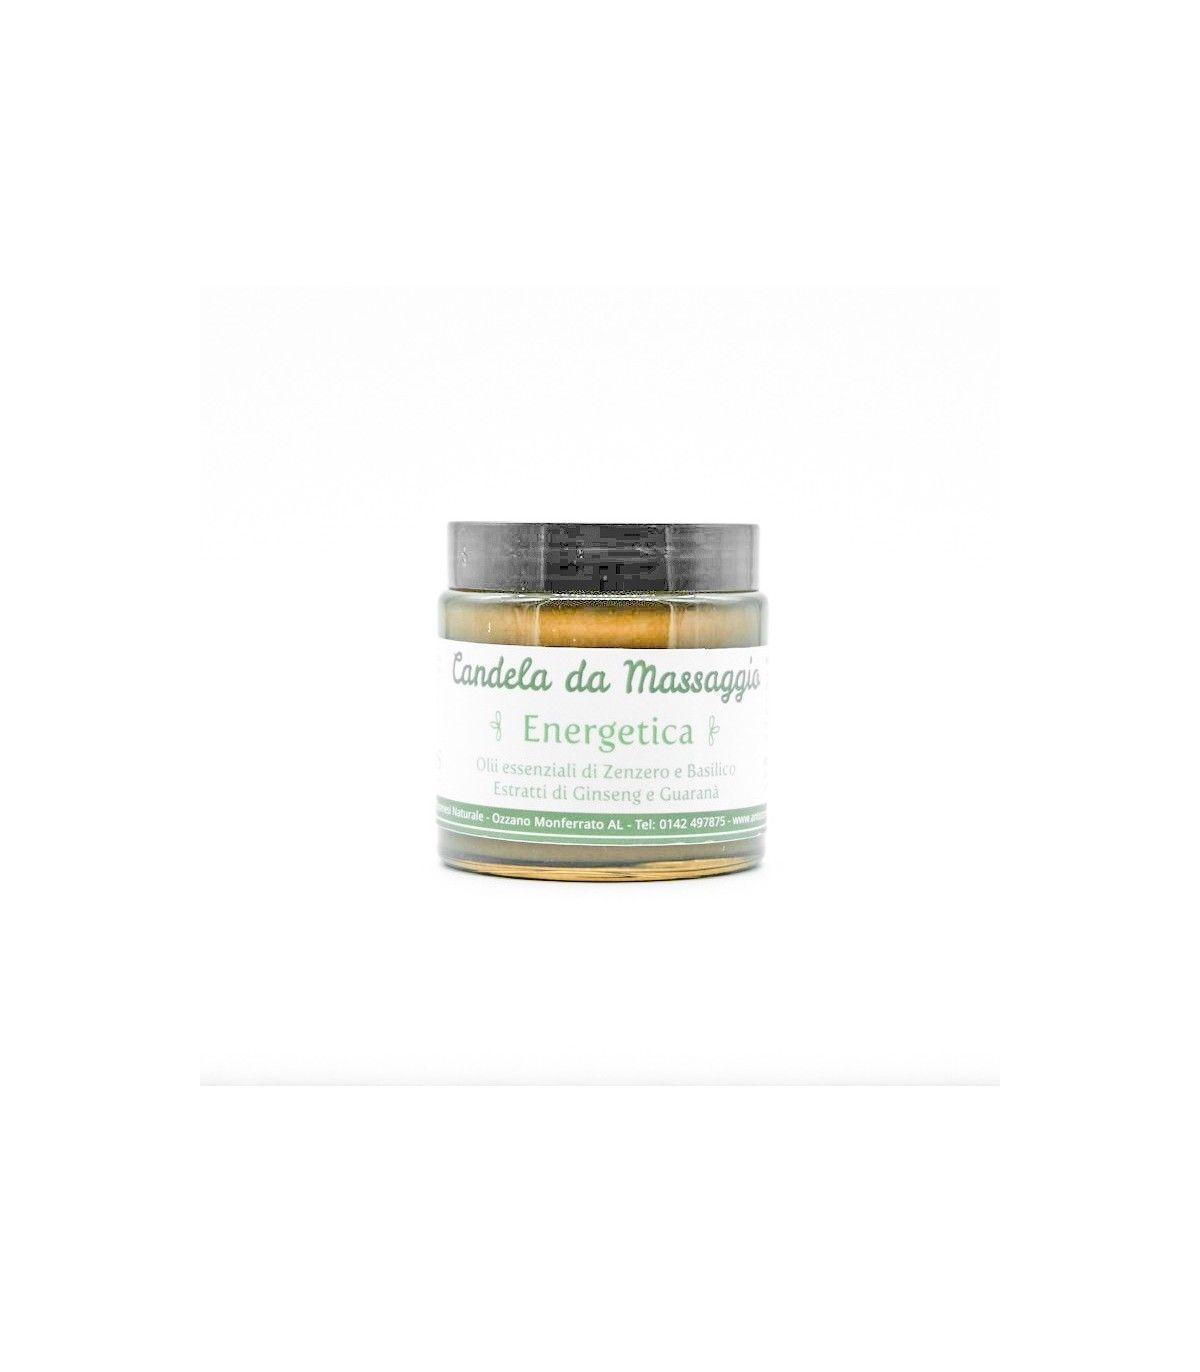 Burro corpo - candela da massaggio energetica ginseng e guaranà